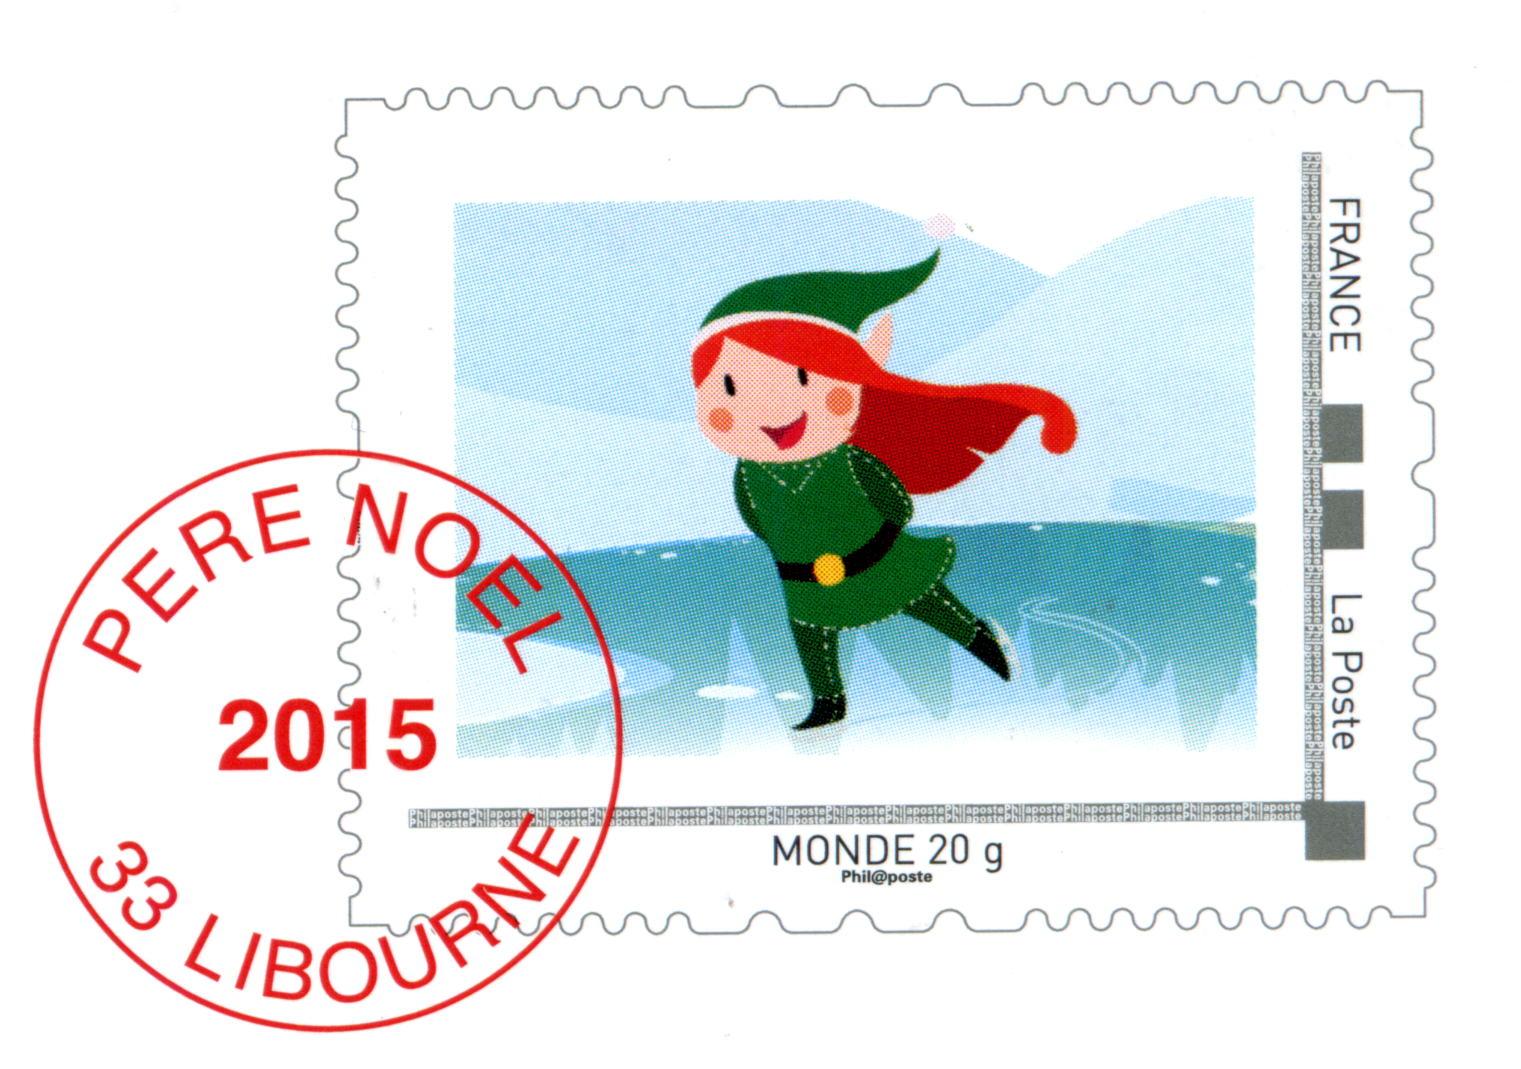 La poste du pere noel 2015 mod le de lettre - Adresse du pere noel la poste ...